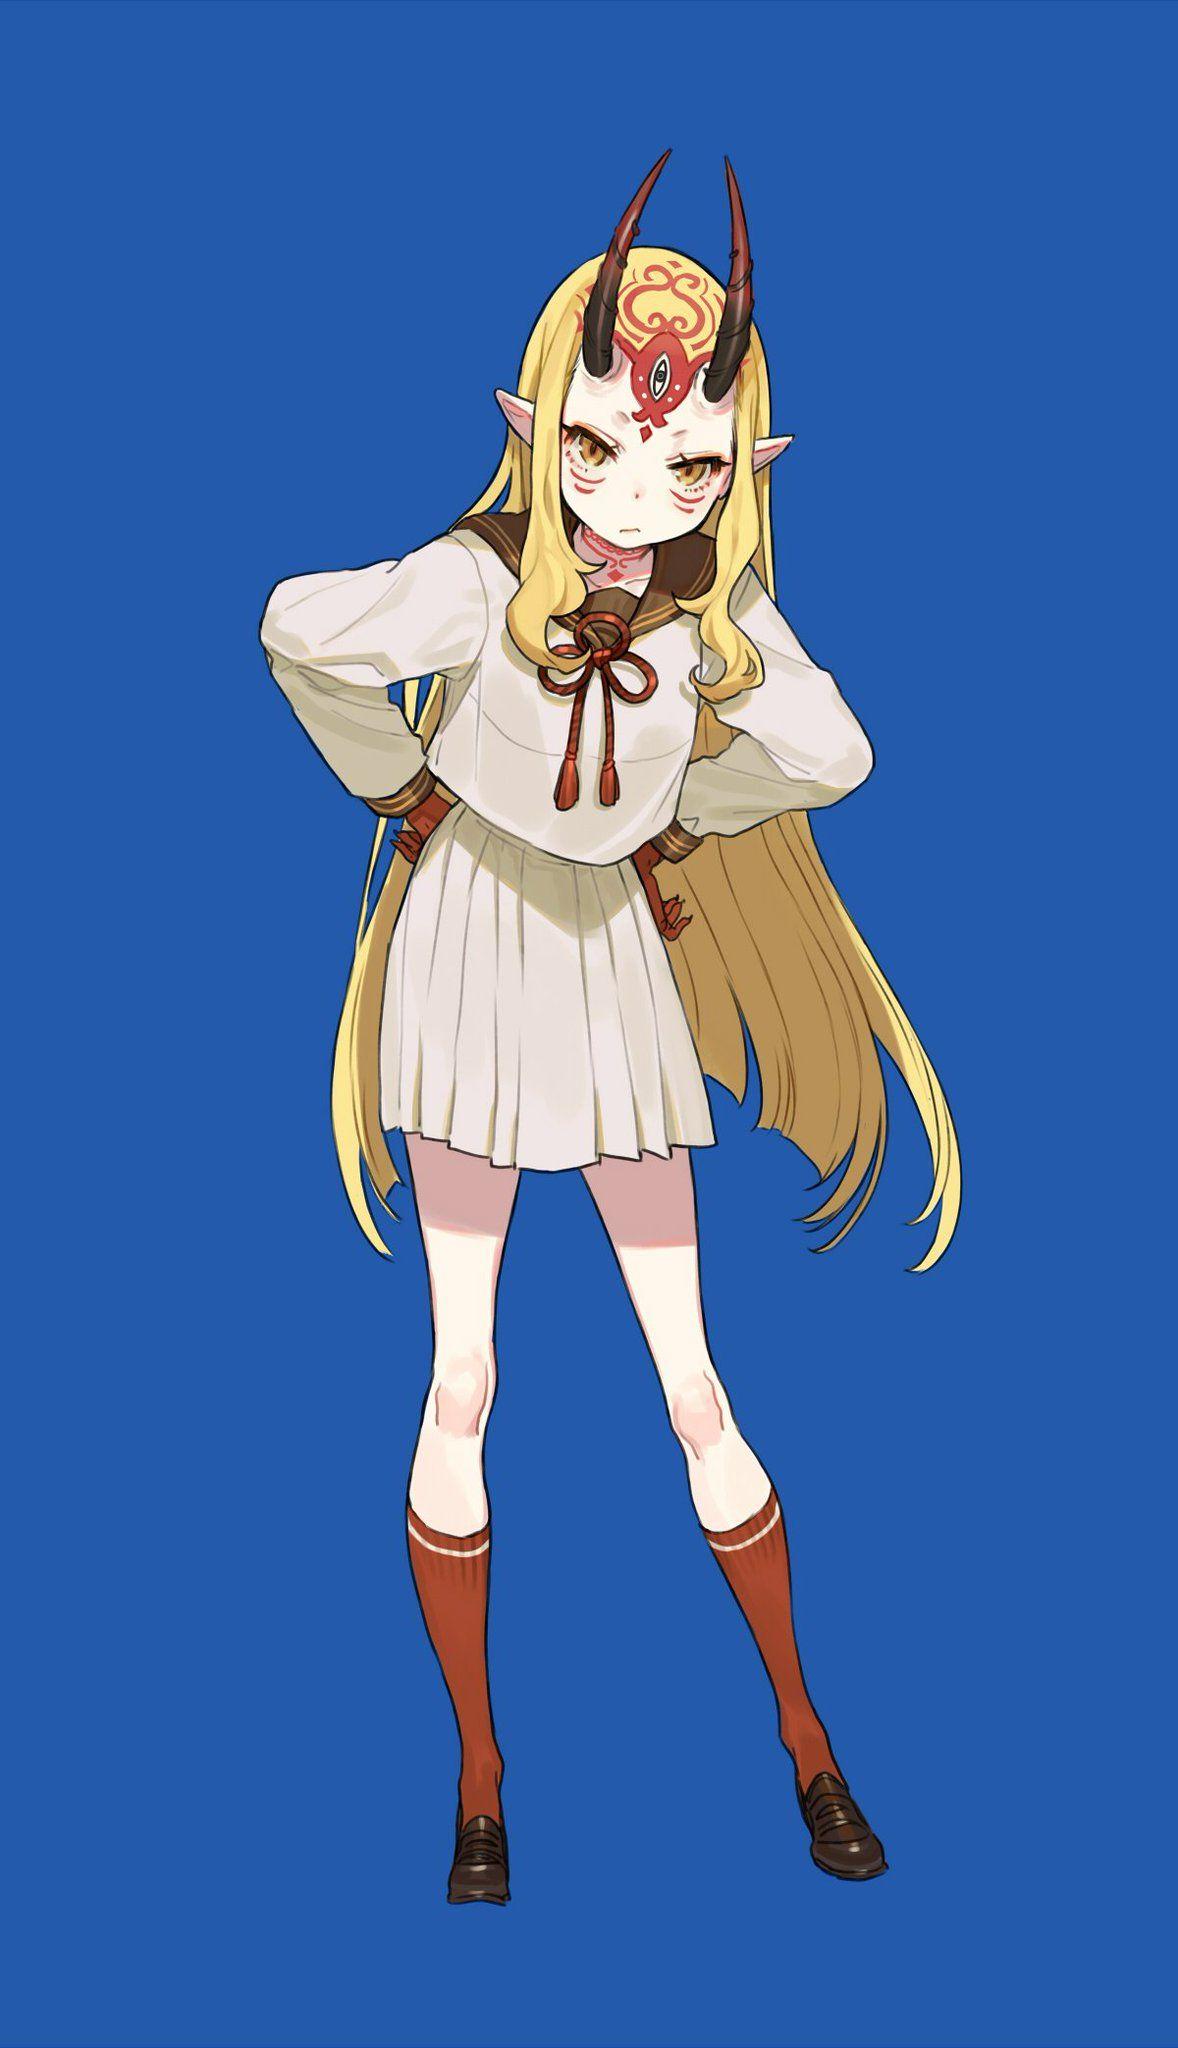 裕ティアぬ06a、3日目西A55a on (With images) Cute anime character